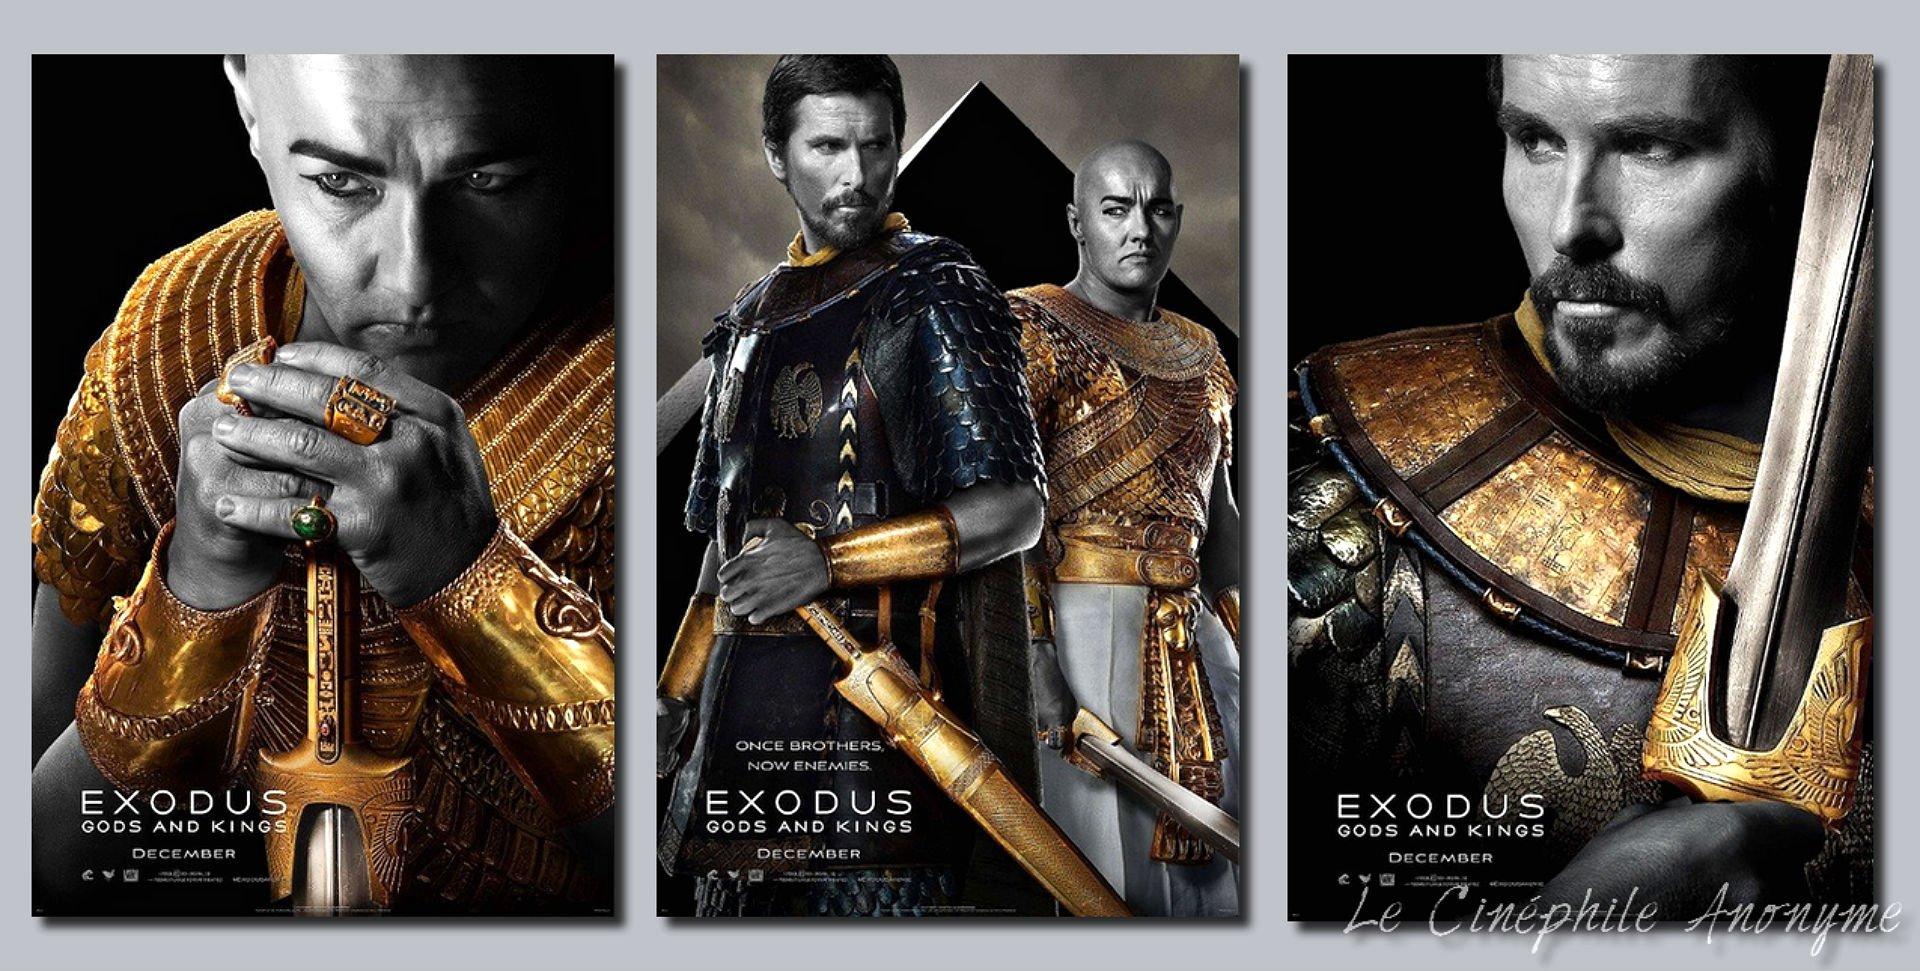 Exodus: Gods And Kings Background